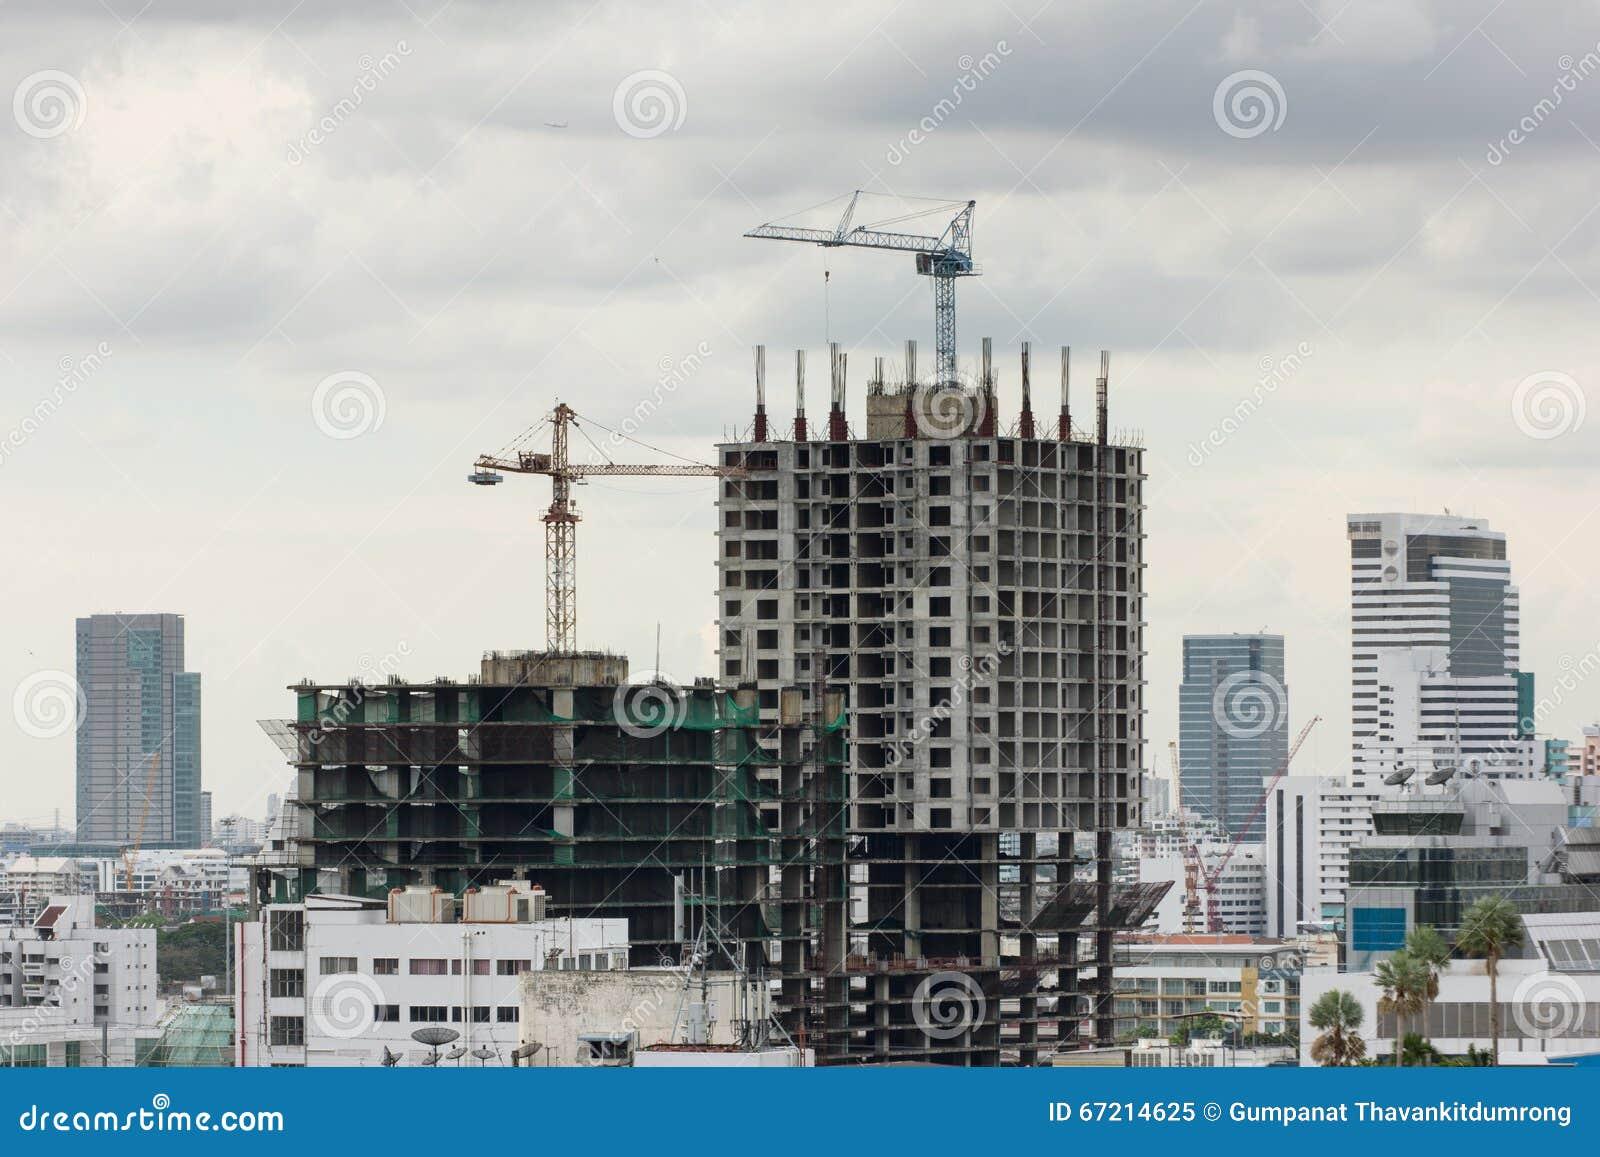 Construction de bâtiments dans une zone urbaine fortement encombrée